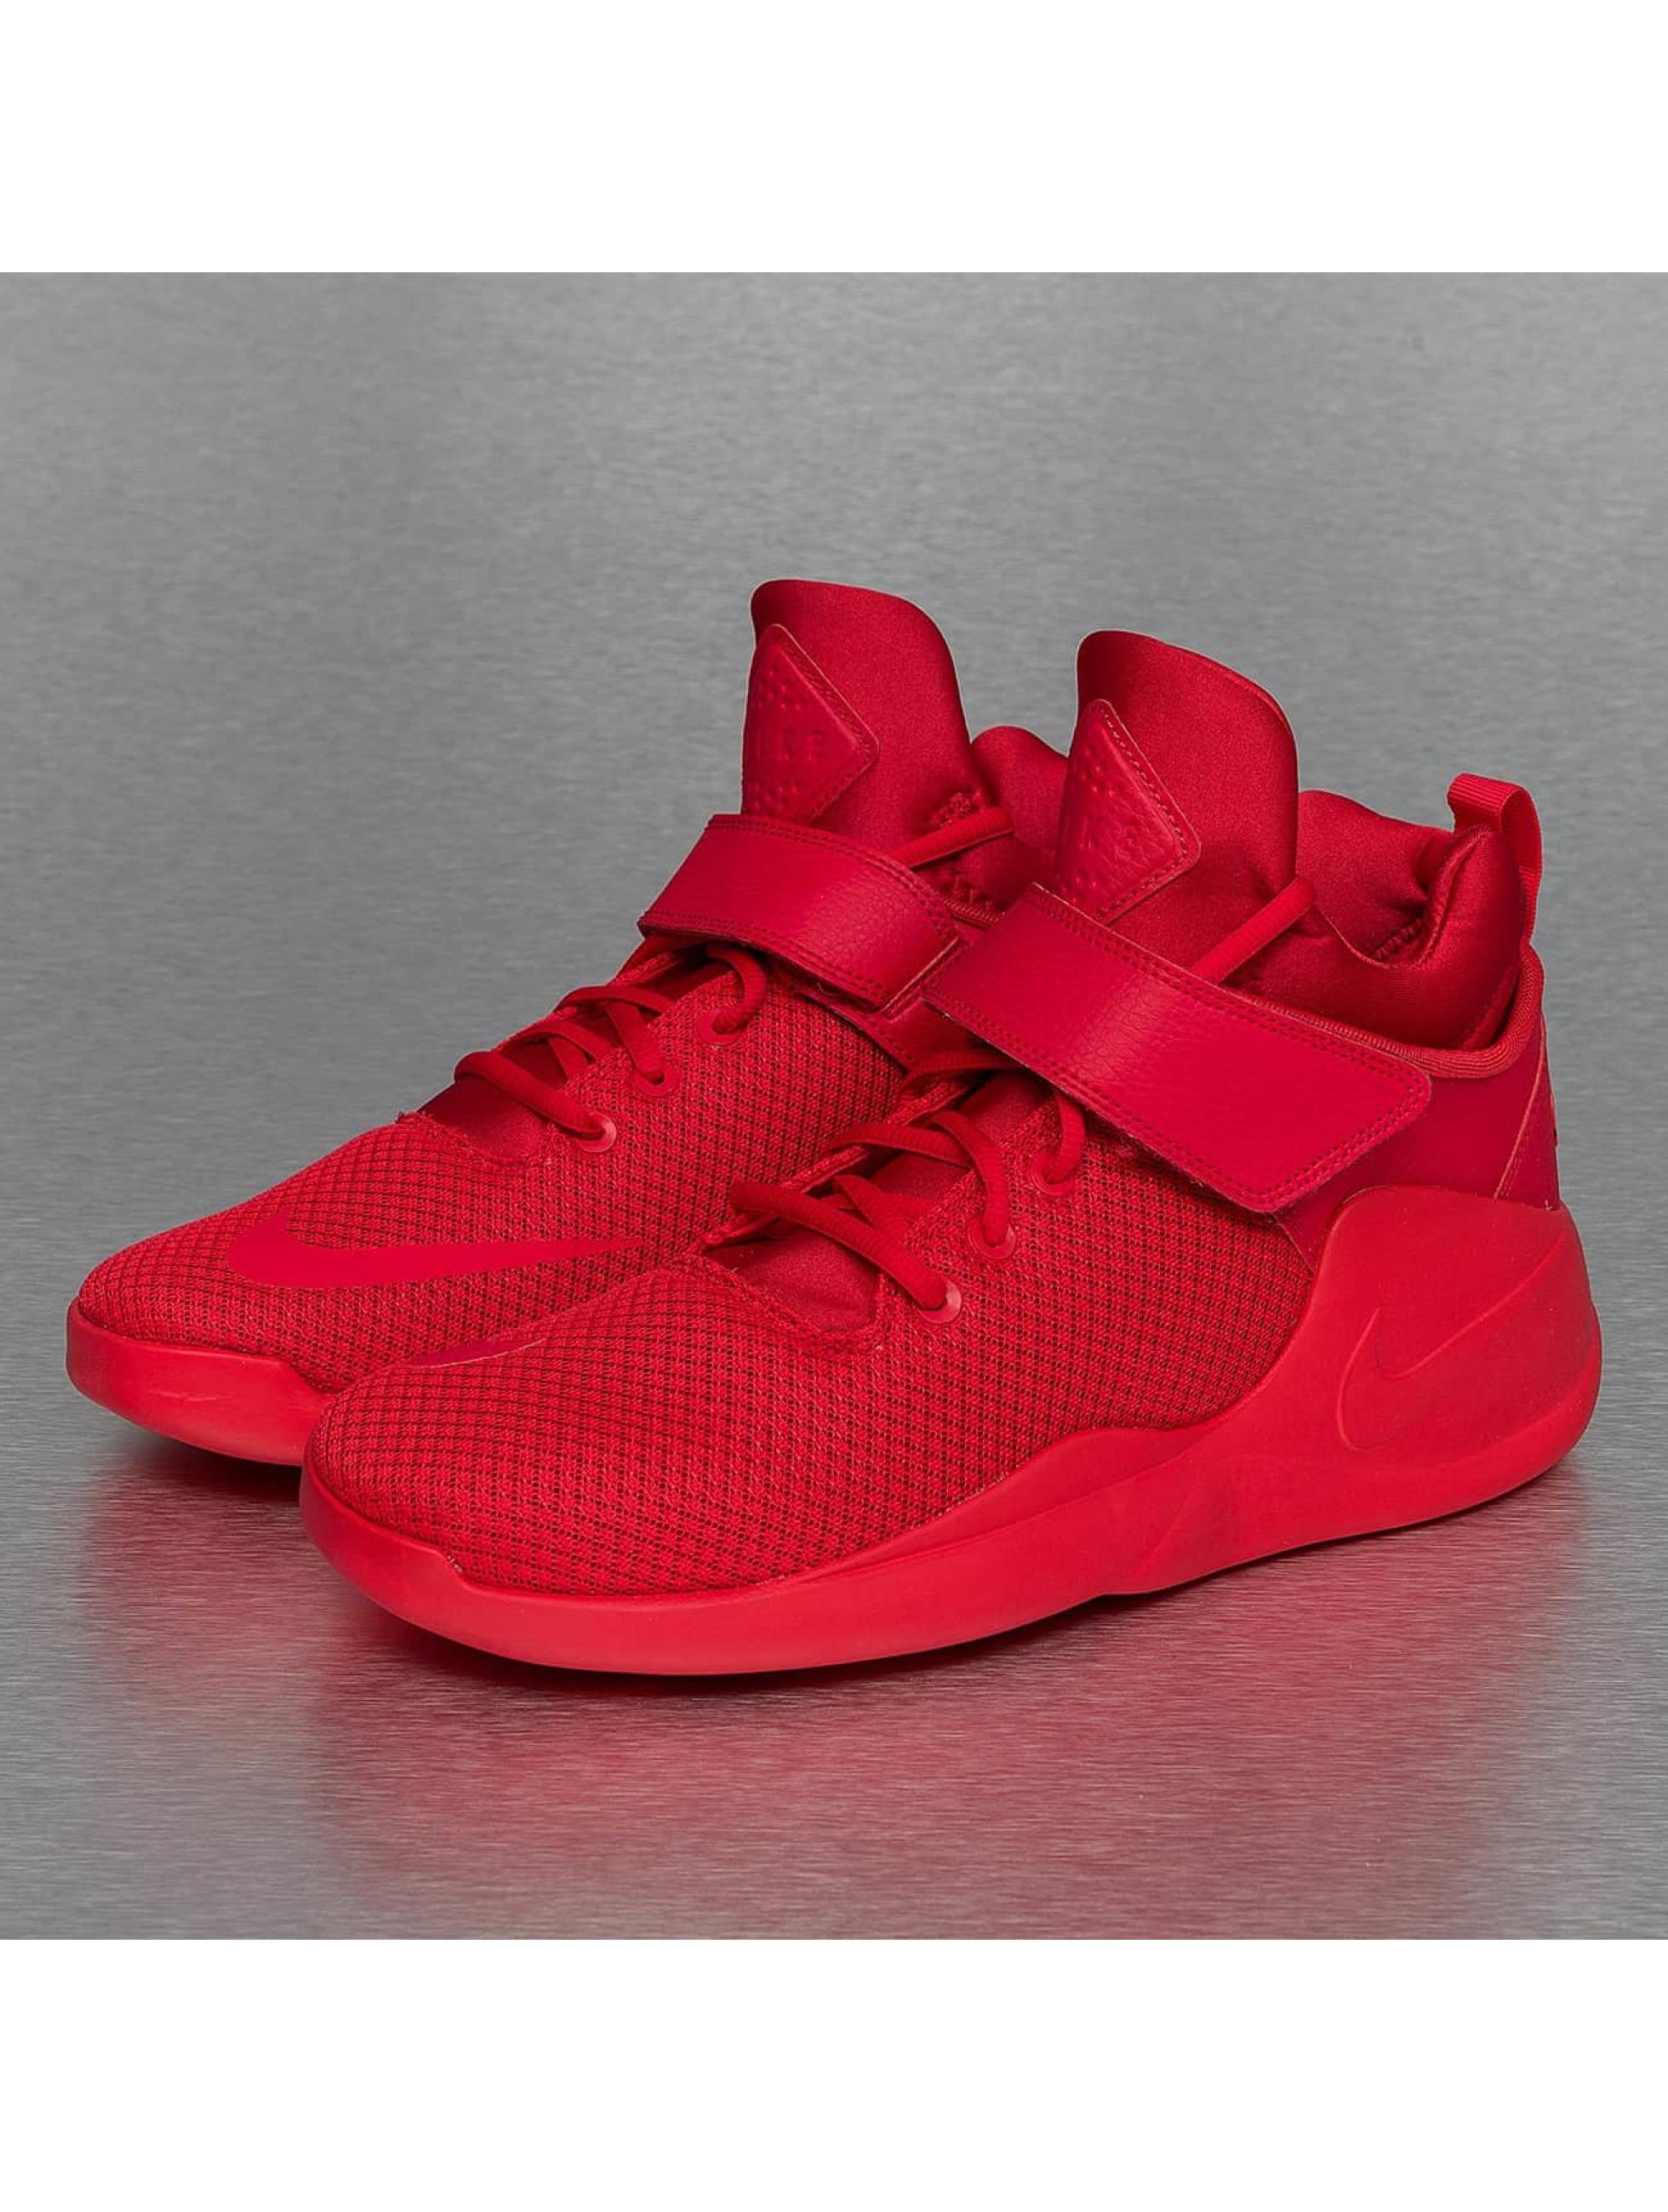 Nike Sneaker Rot